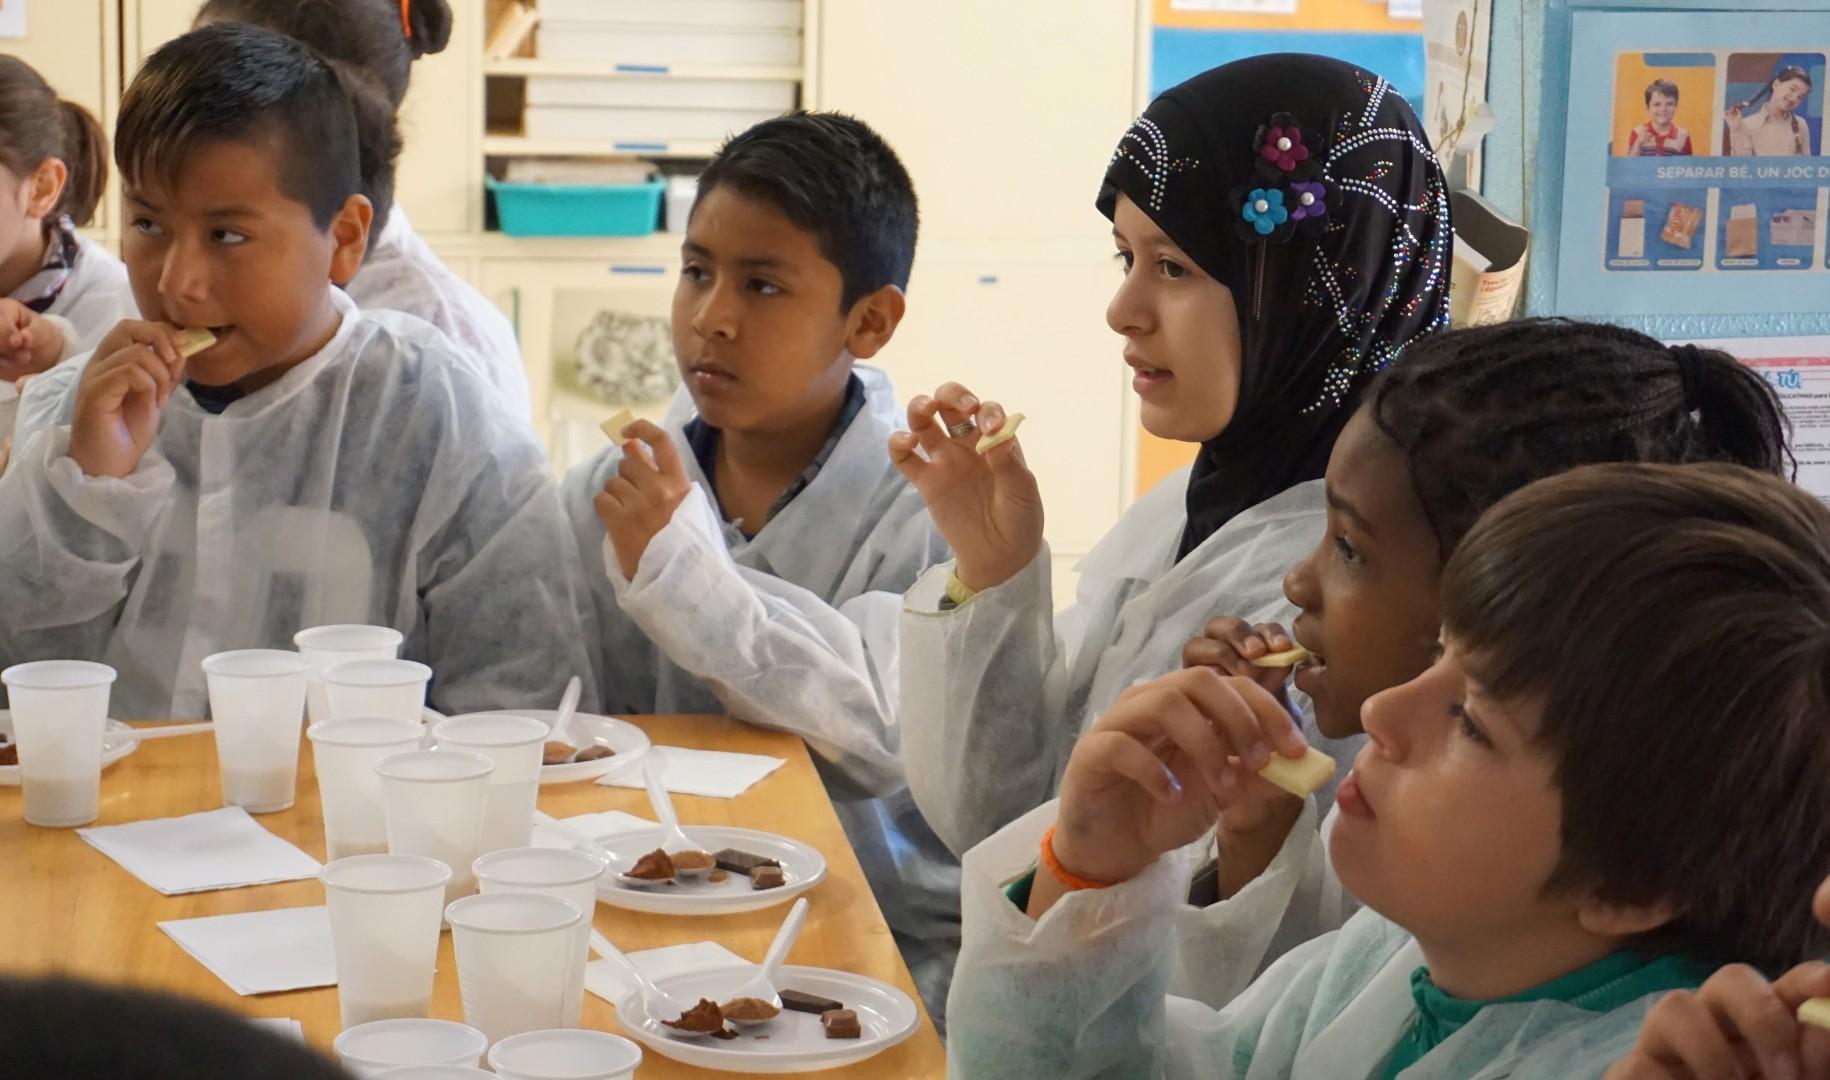 Els alumnes van tastar cinc tipus de xocolata diferents.